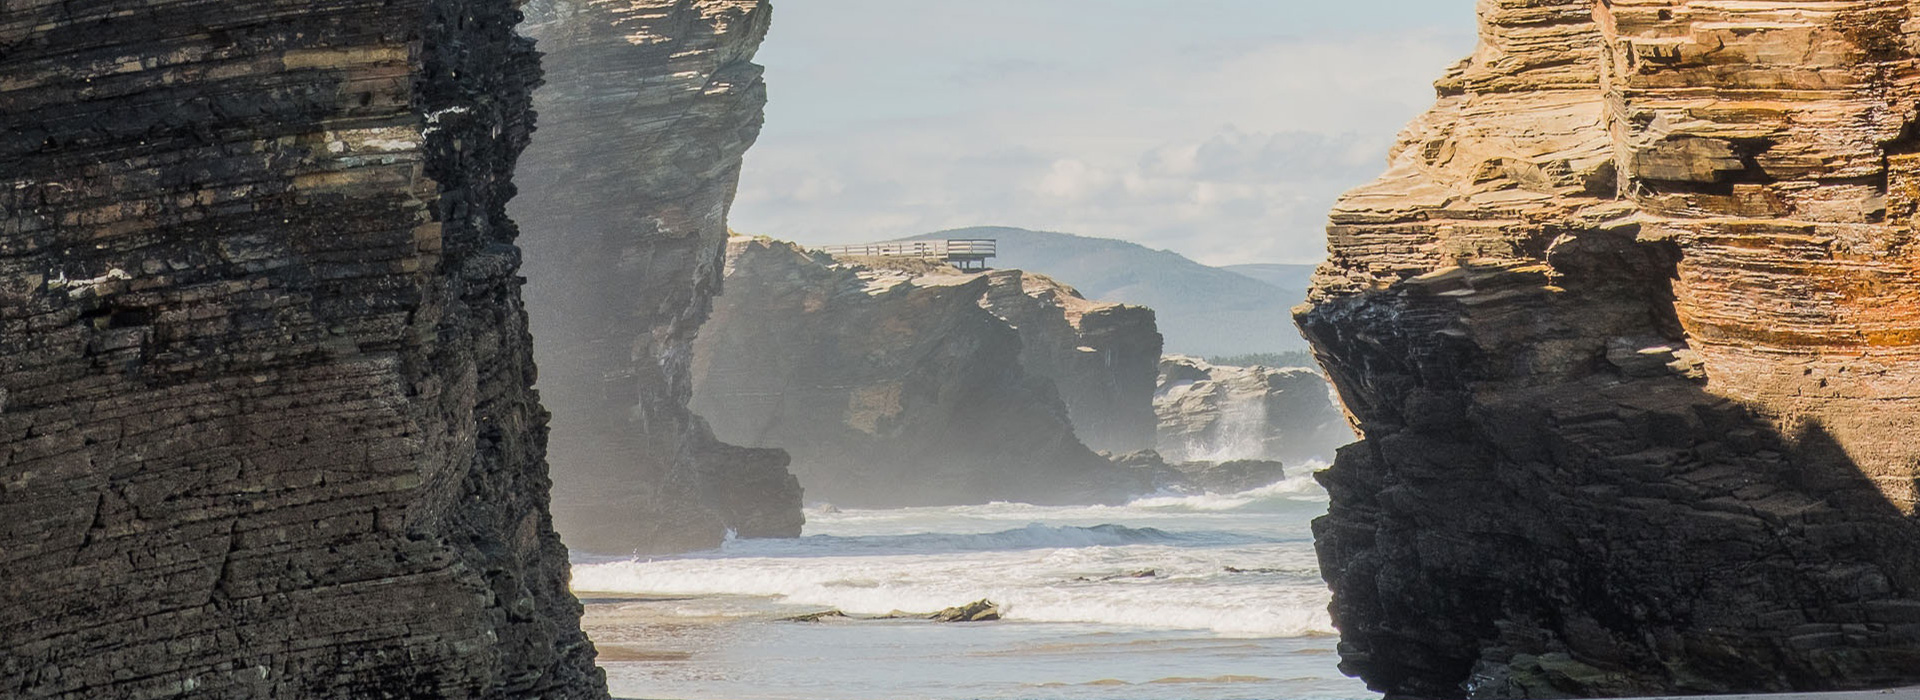 empresas y emprendedores turismo galicia